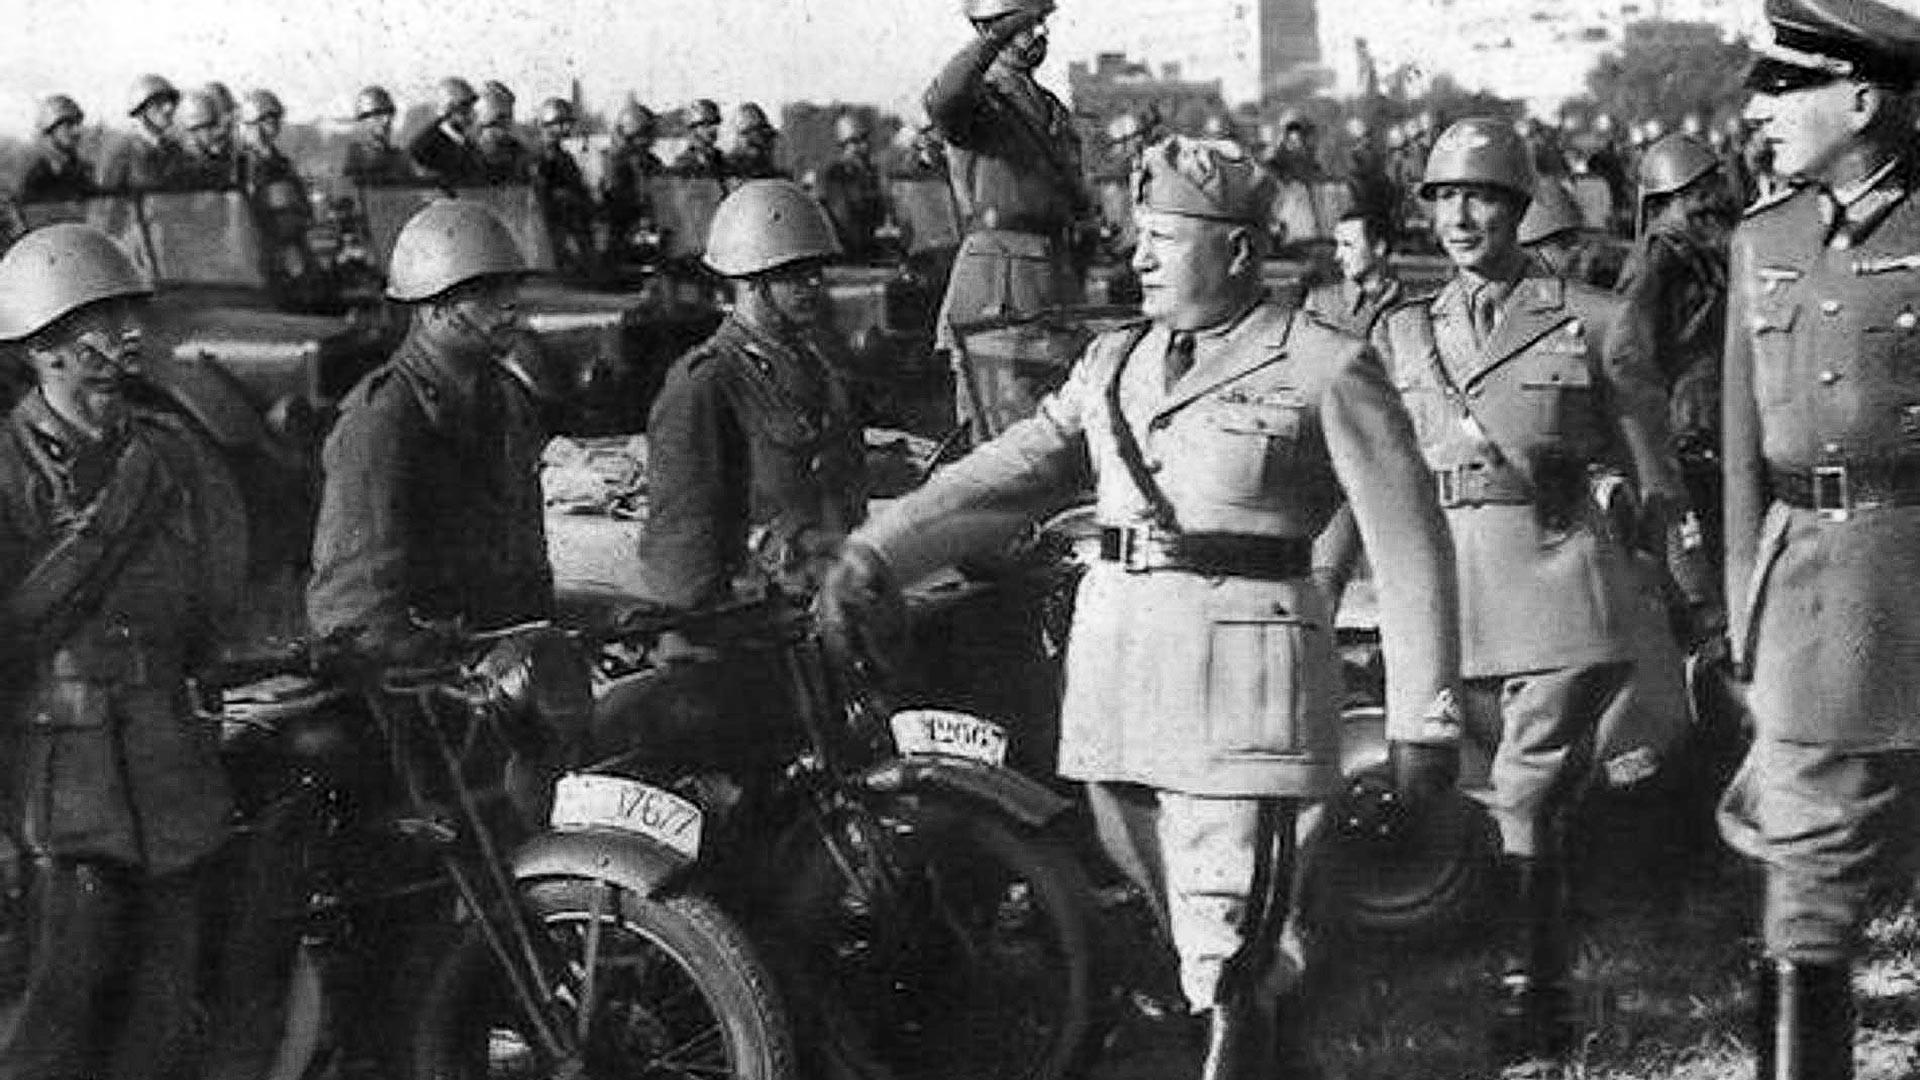 Jedinice CSIR-a na smotri za vrijeme Mussolinijevog posjeta ruskom frontu.